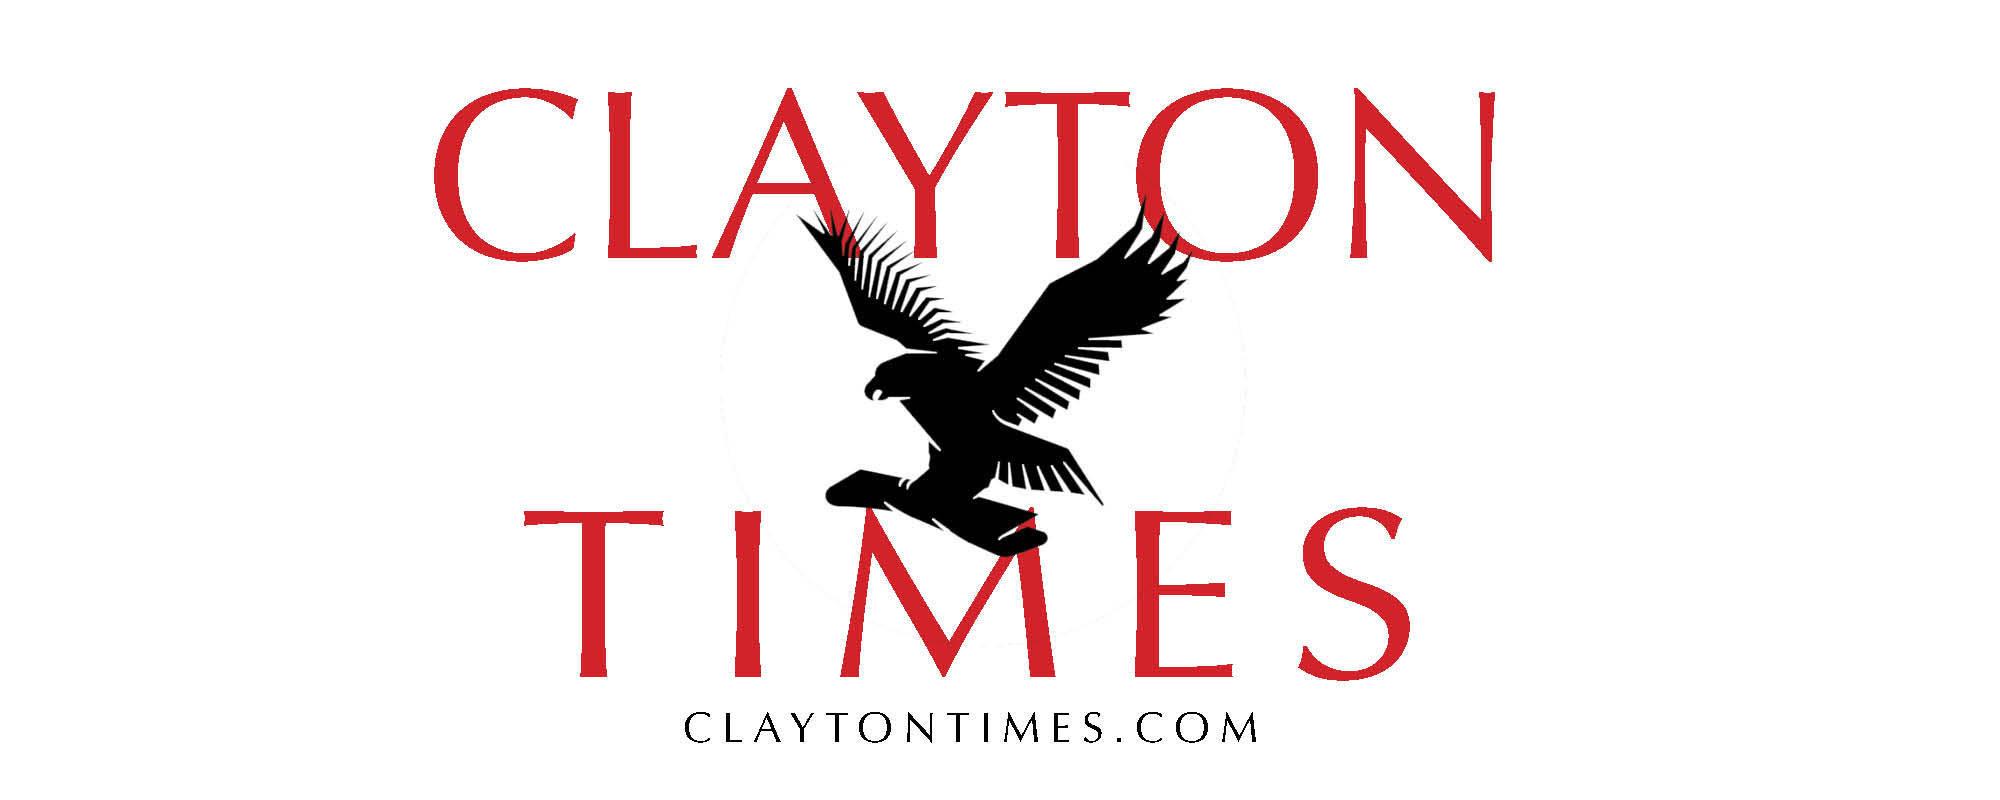 Clayton Times